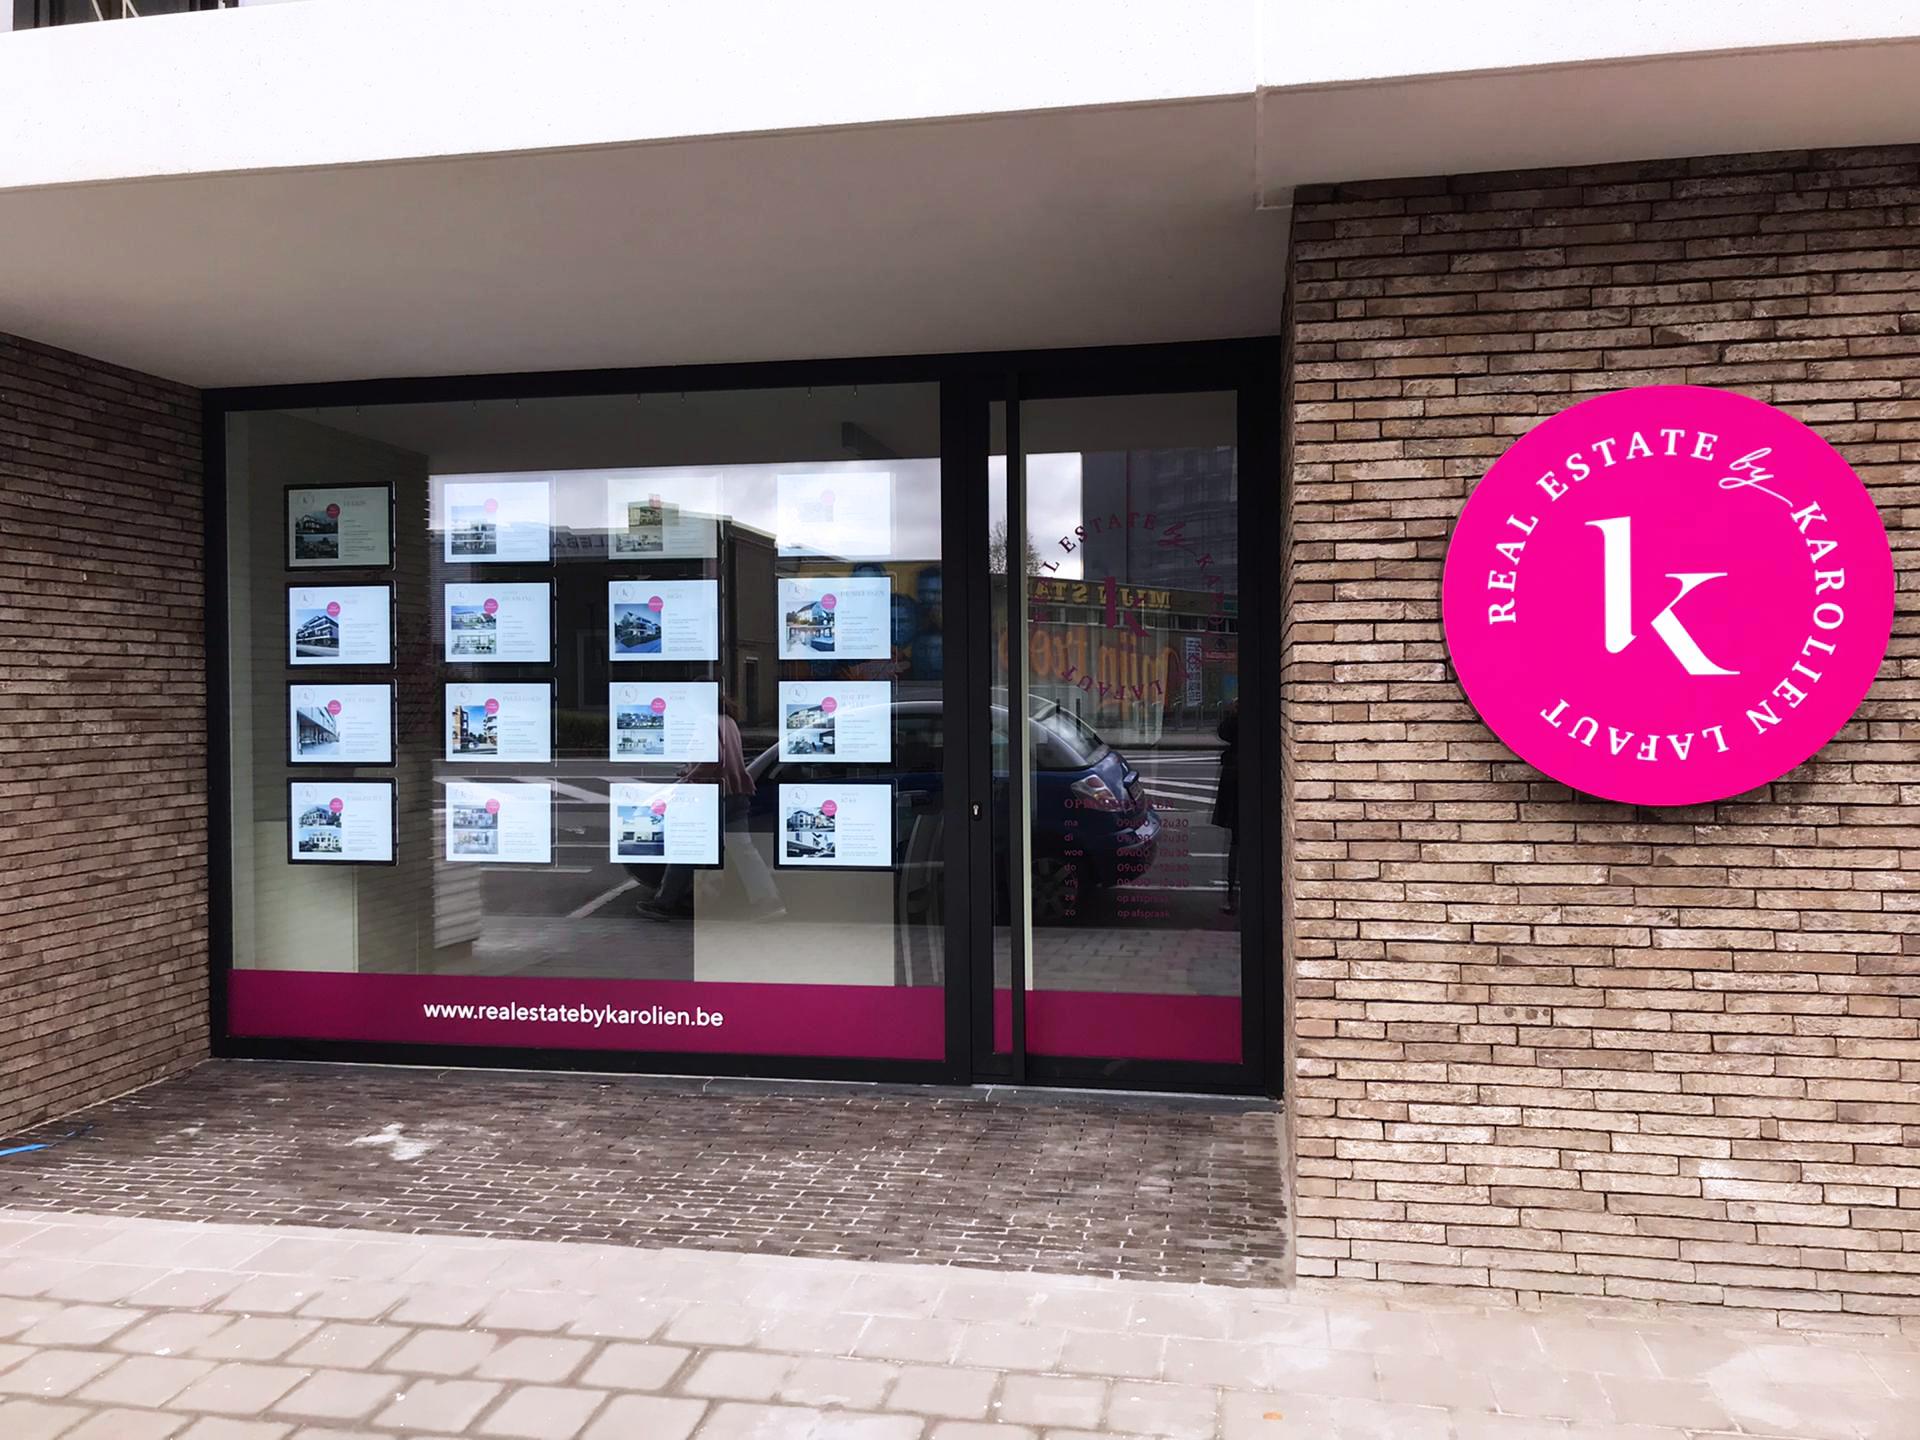 Ons kantoor in Roeselare is geopend!